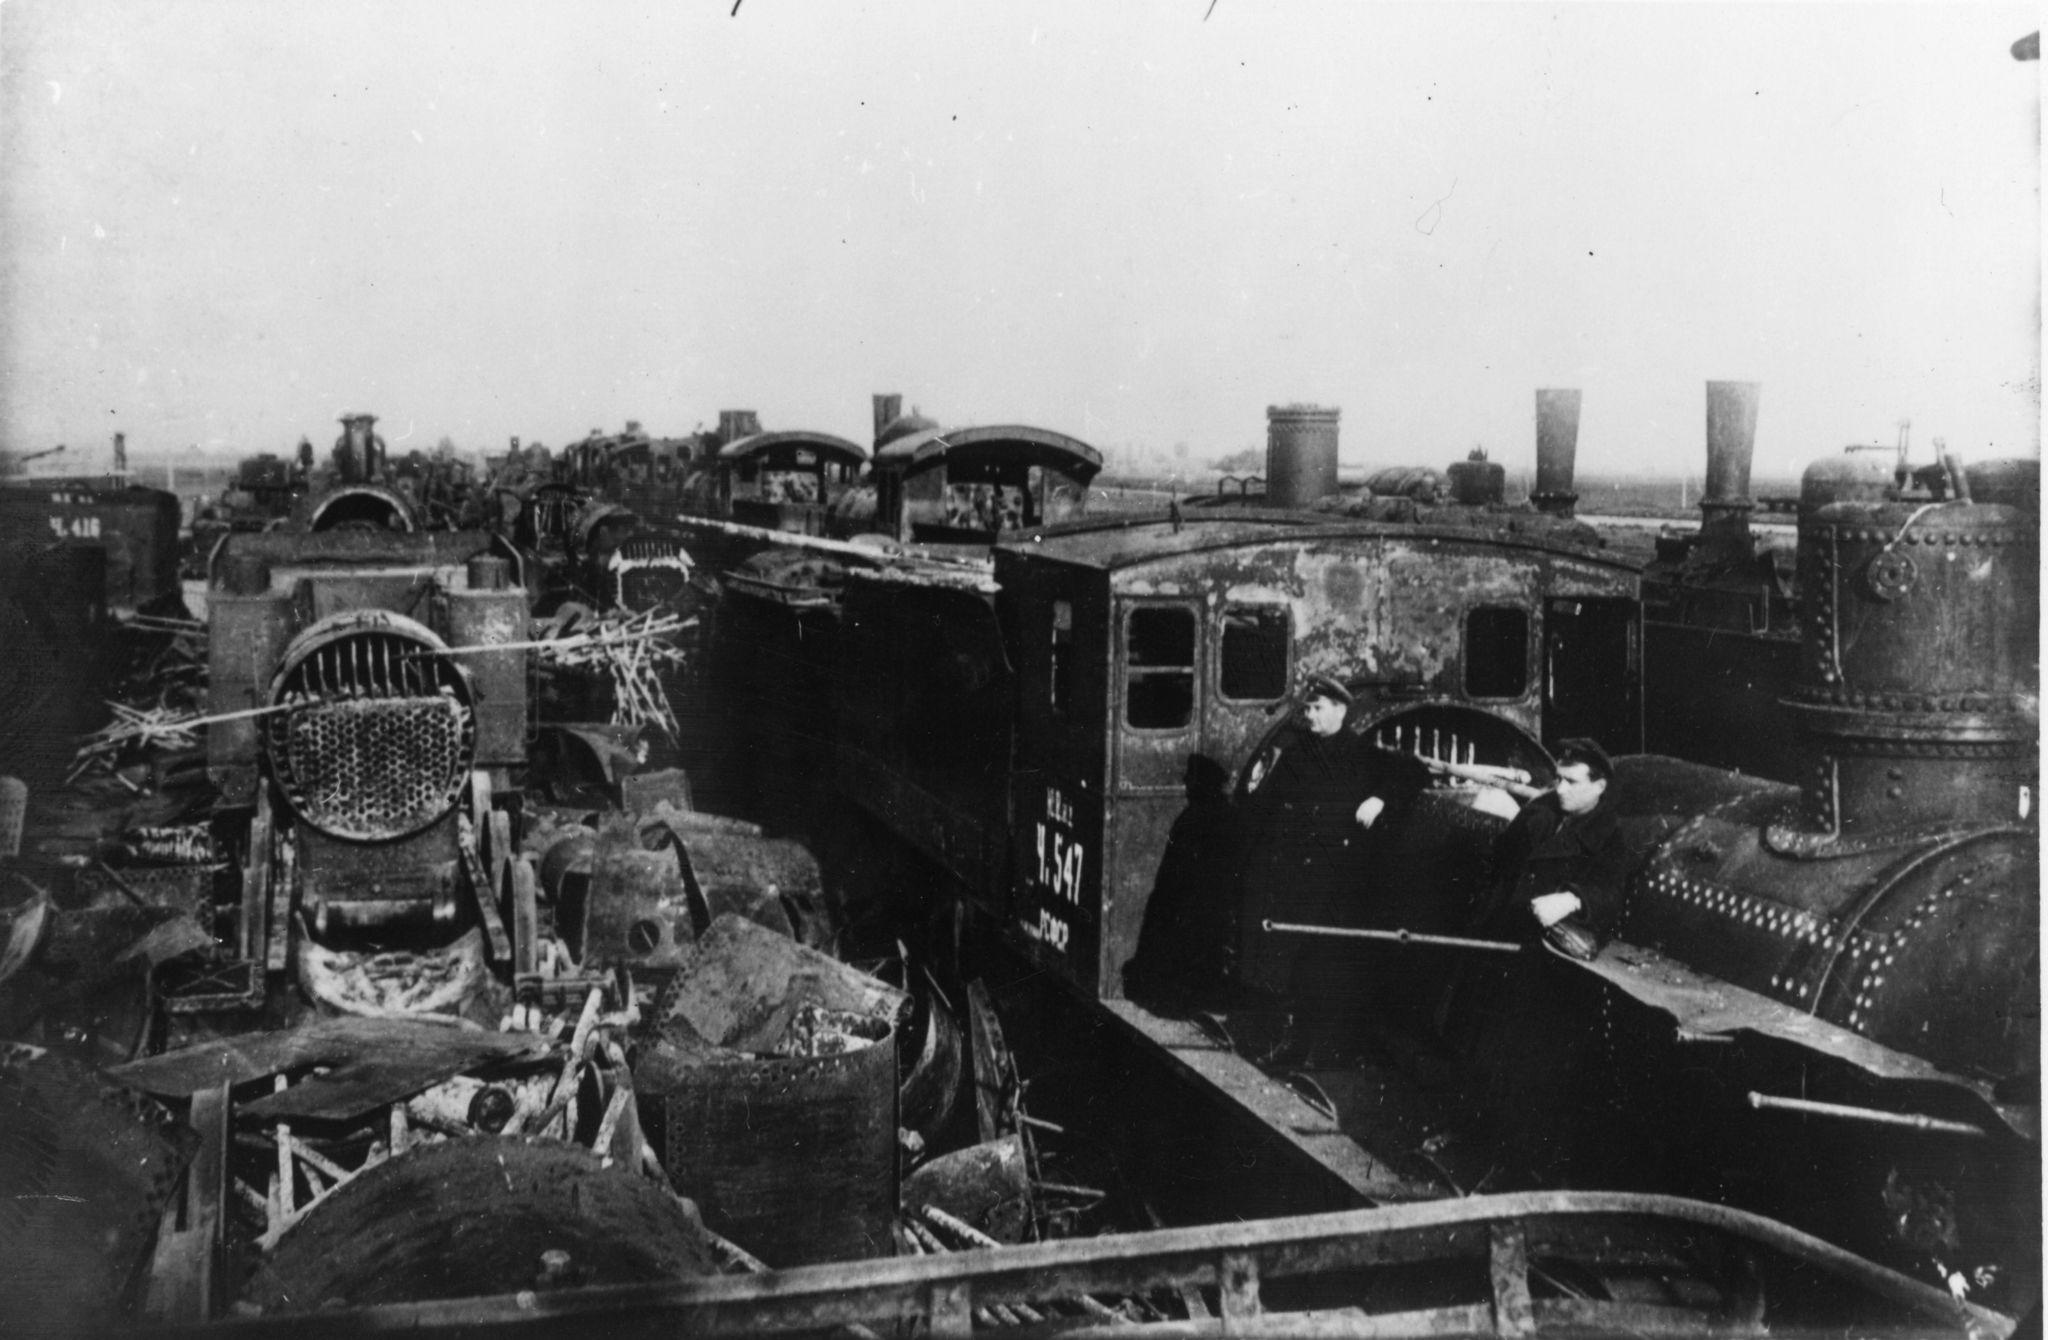 Локомотивы, уничтоженные во время гражданской войны